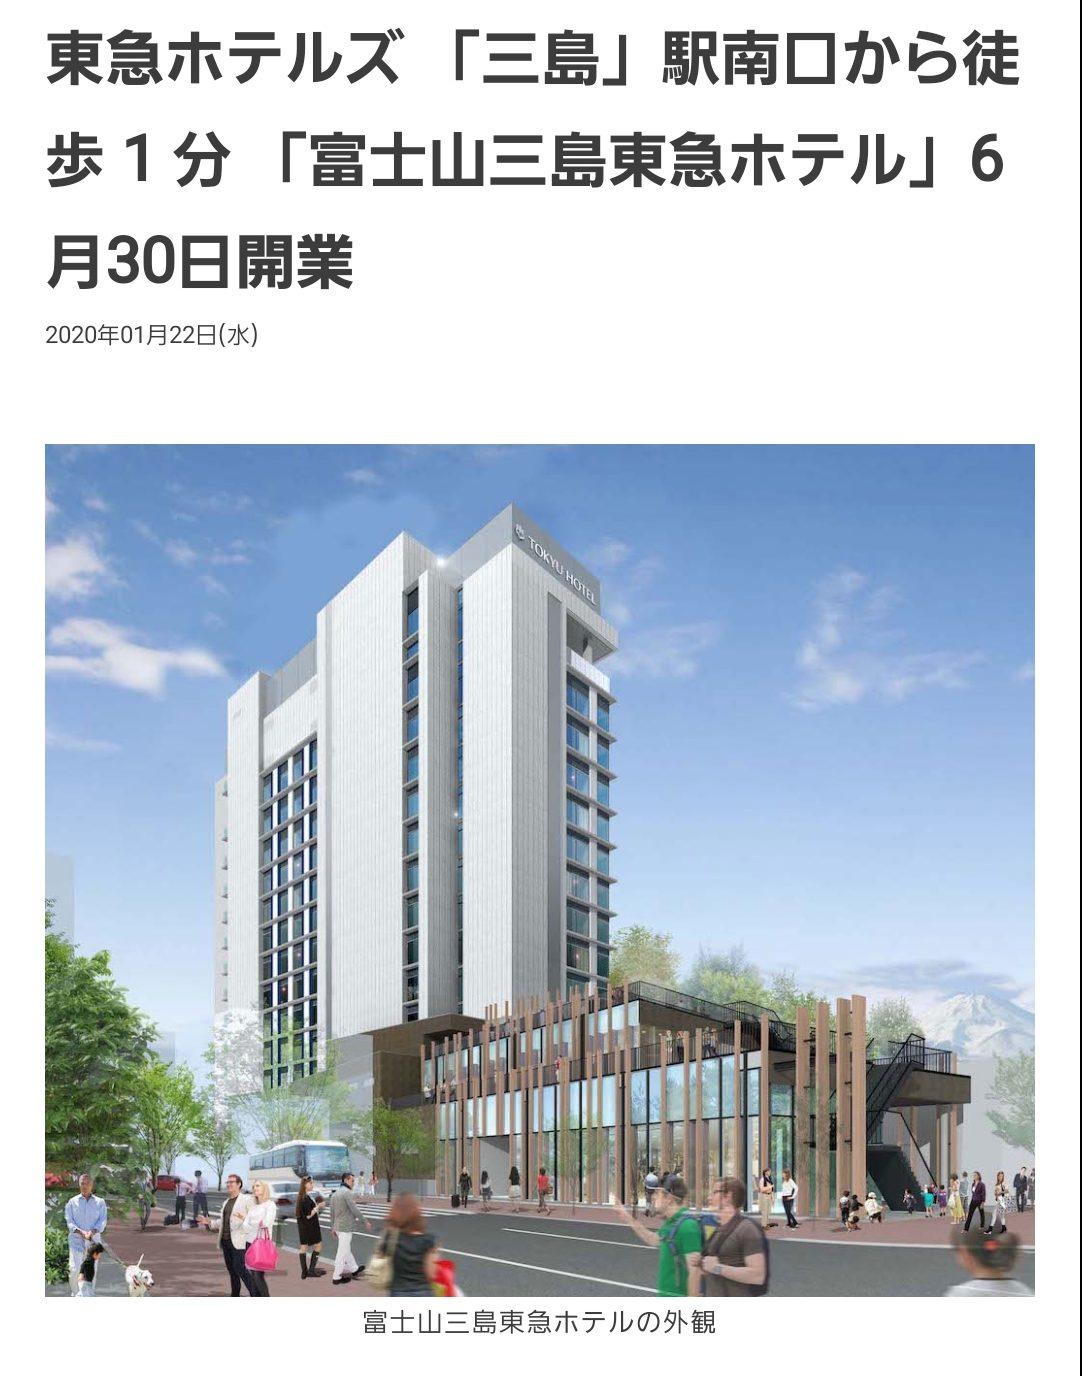 三島駅南口にリゾートホテルがオープンします!!